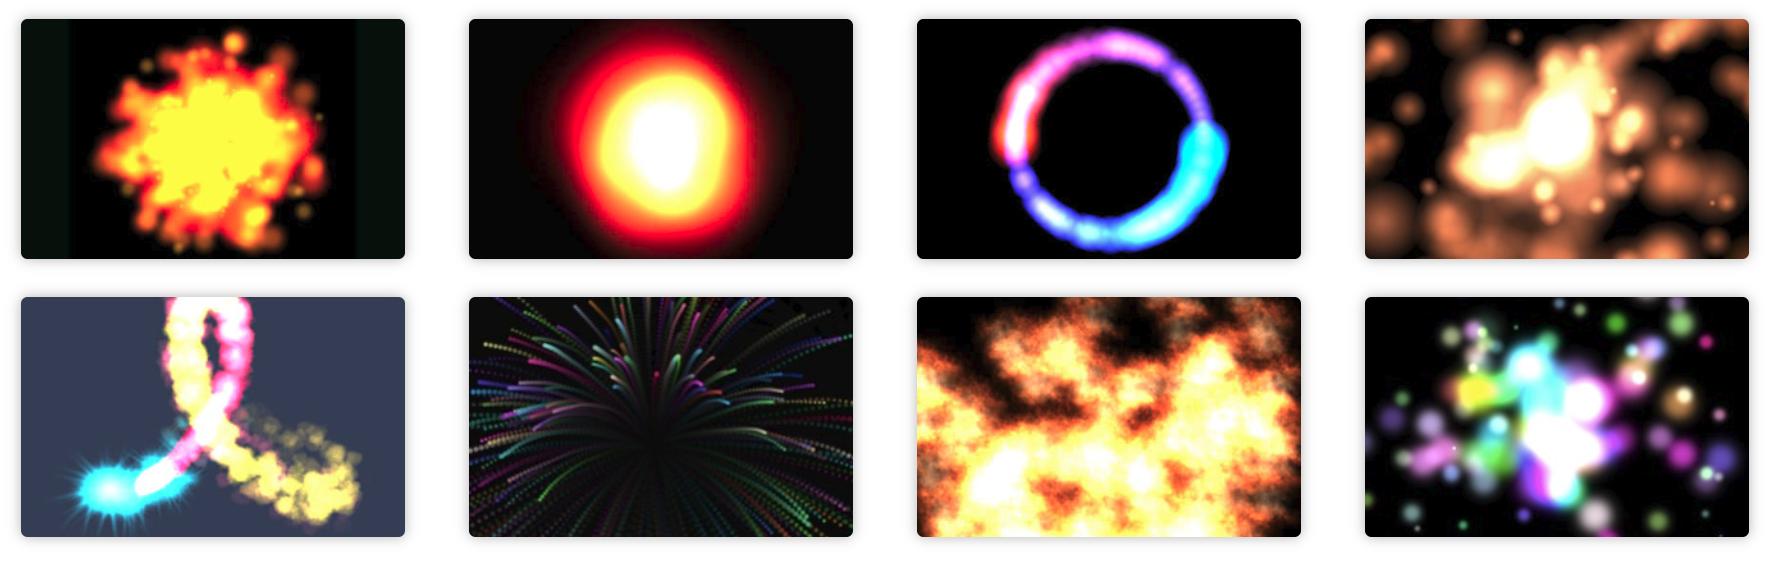 JavaScript 粒子动画库 Proton